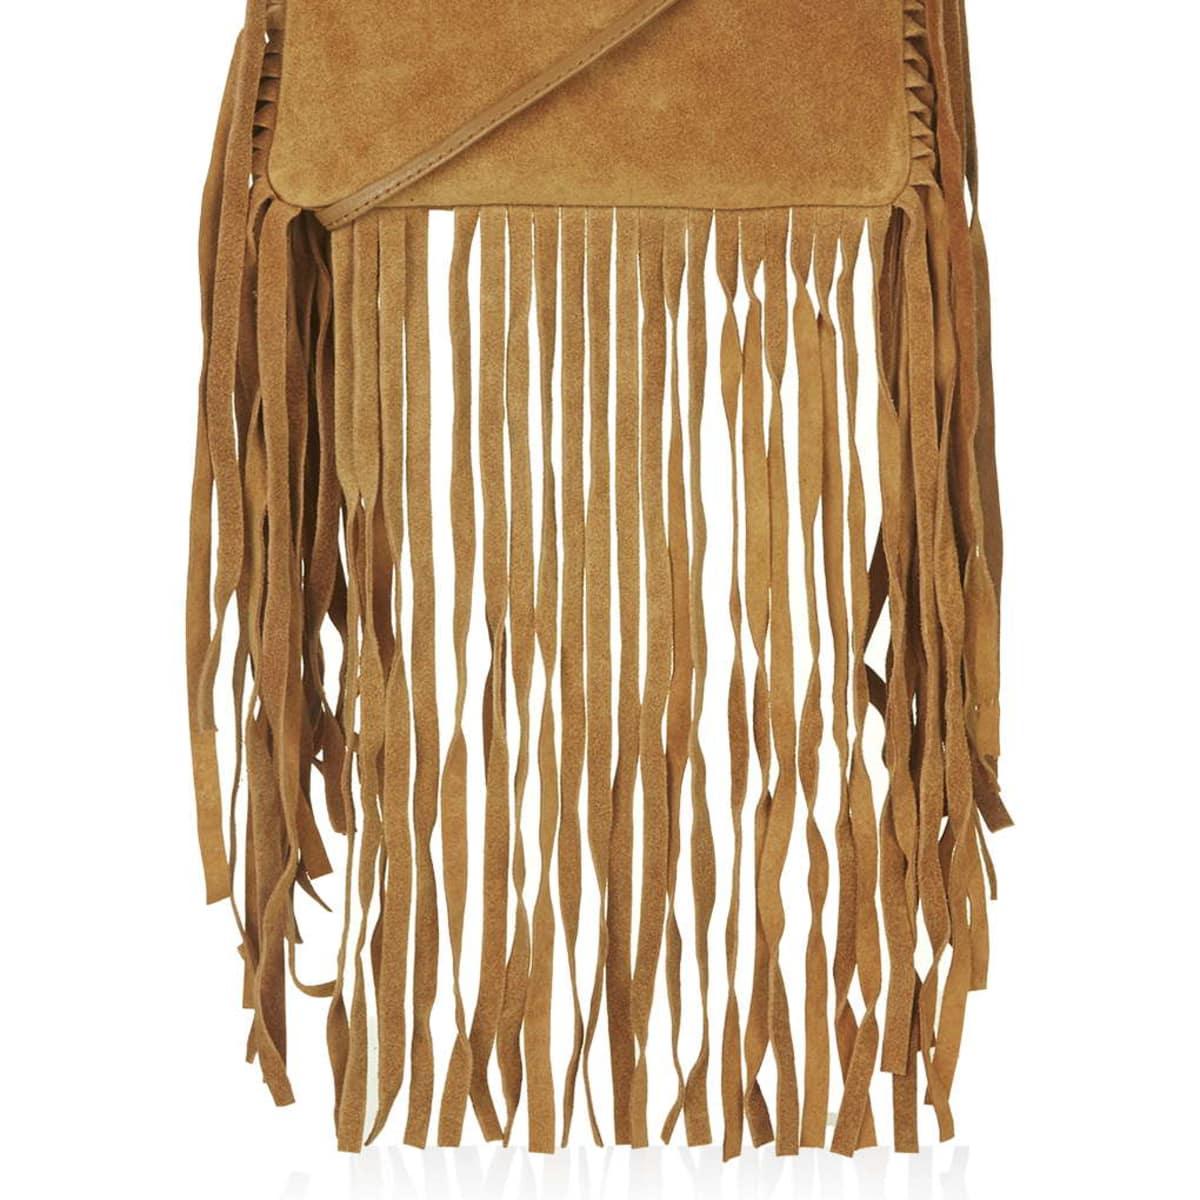 Topshop suede fringe crossbody bag - $52